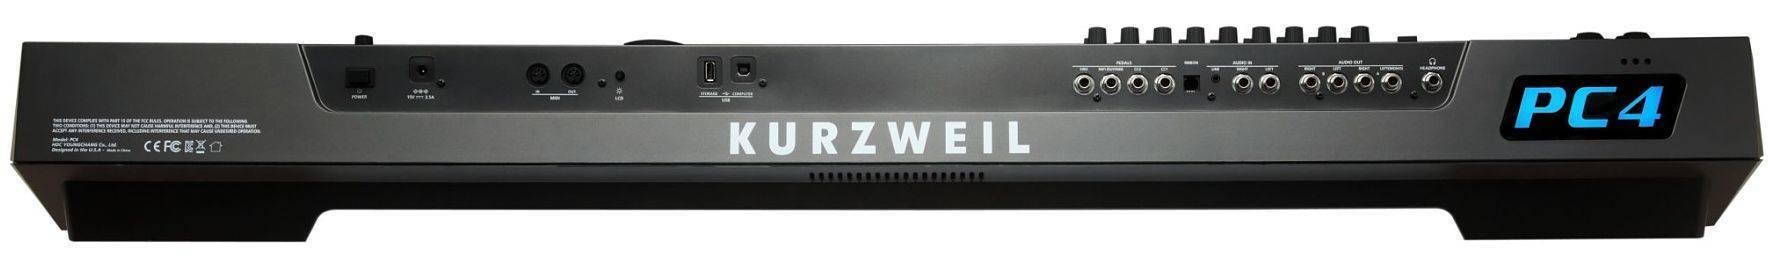 Sintetizador Profesional Kurzweil PC4